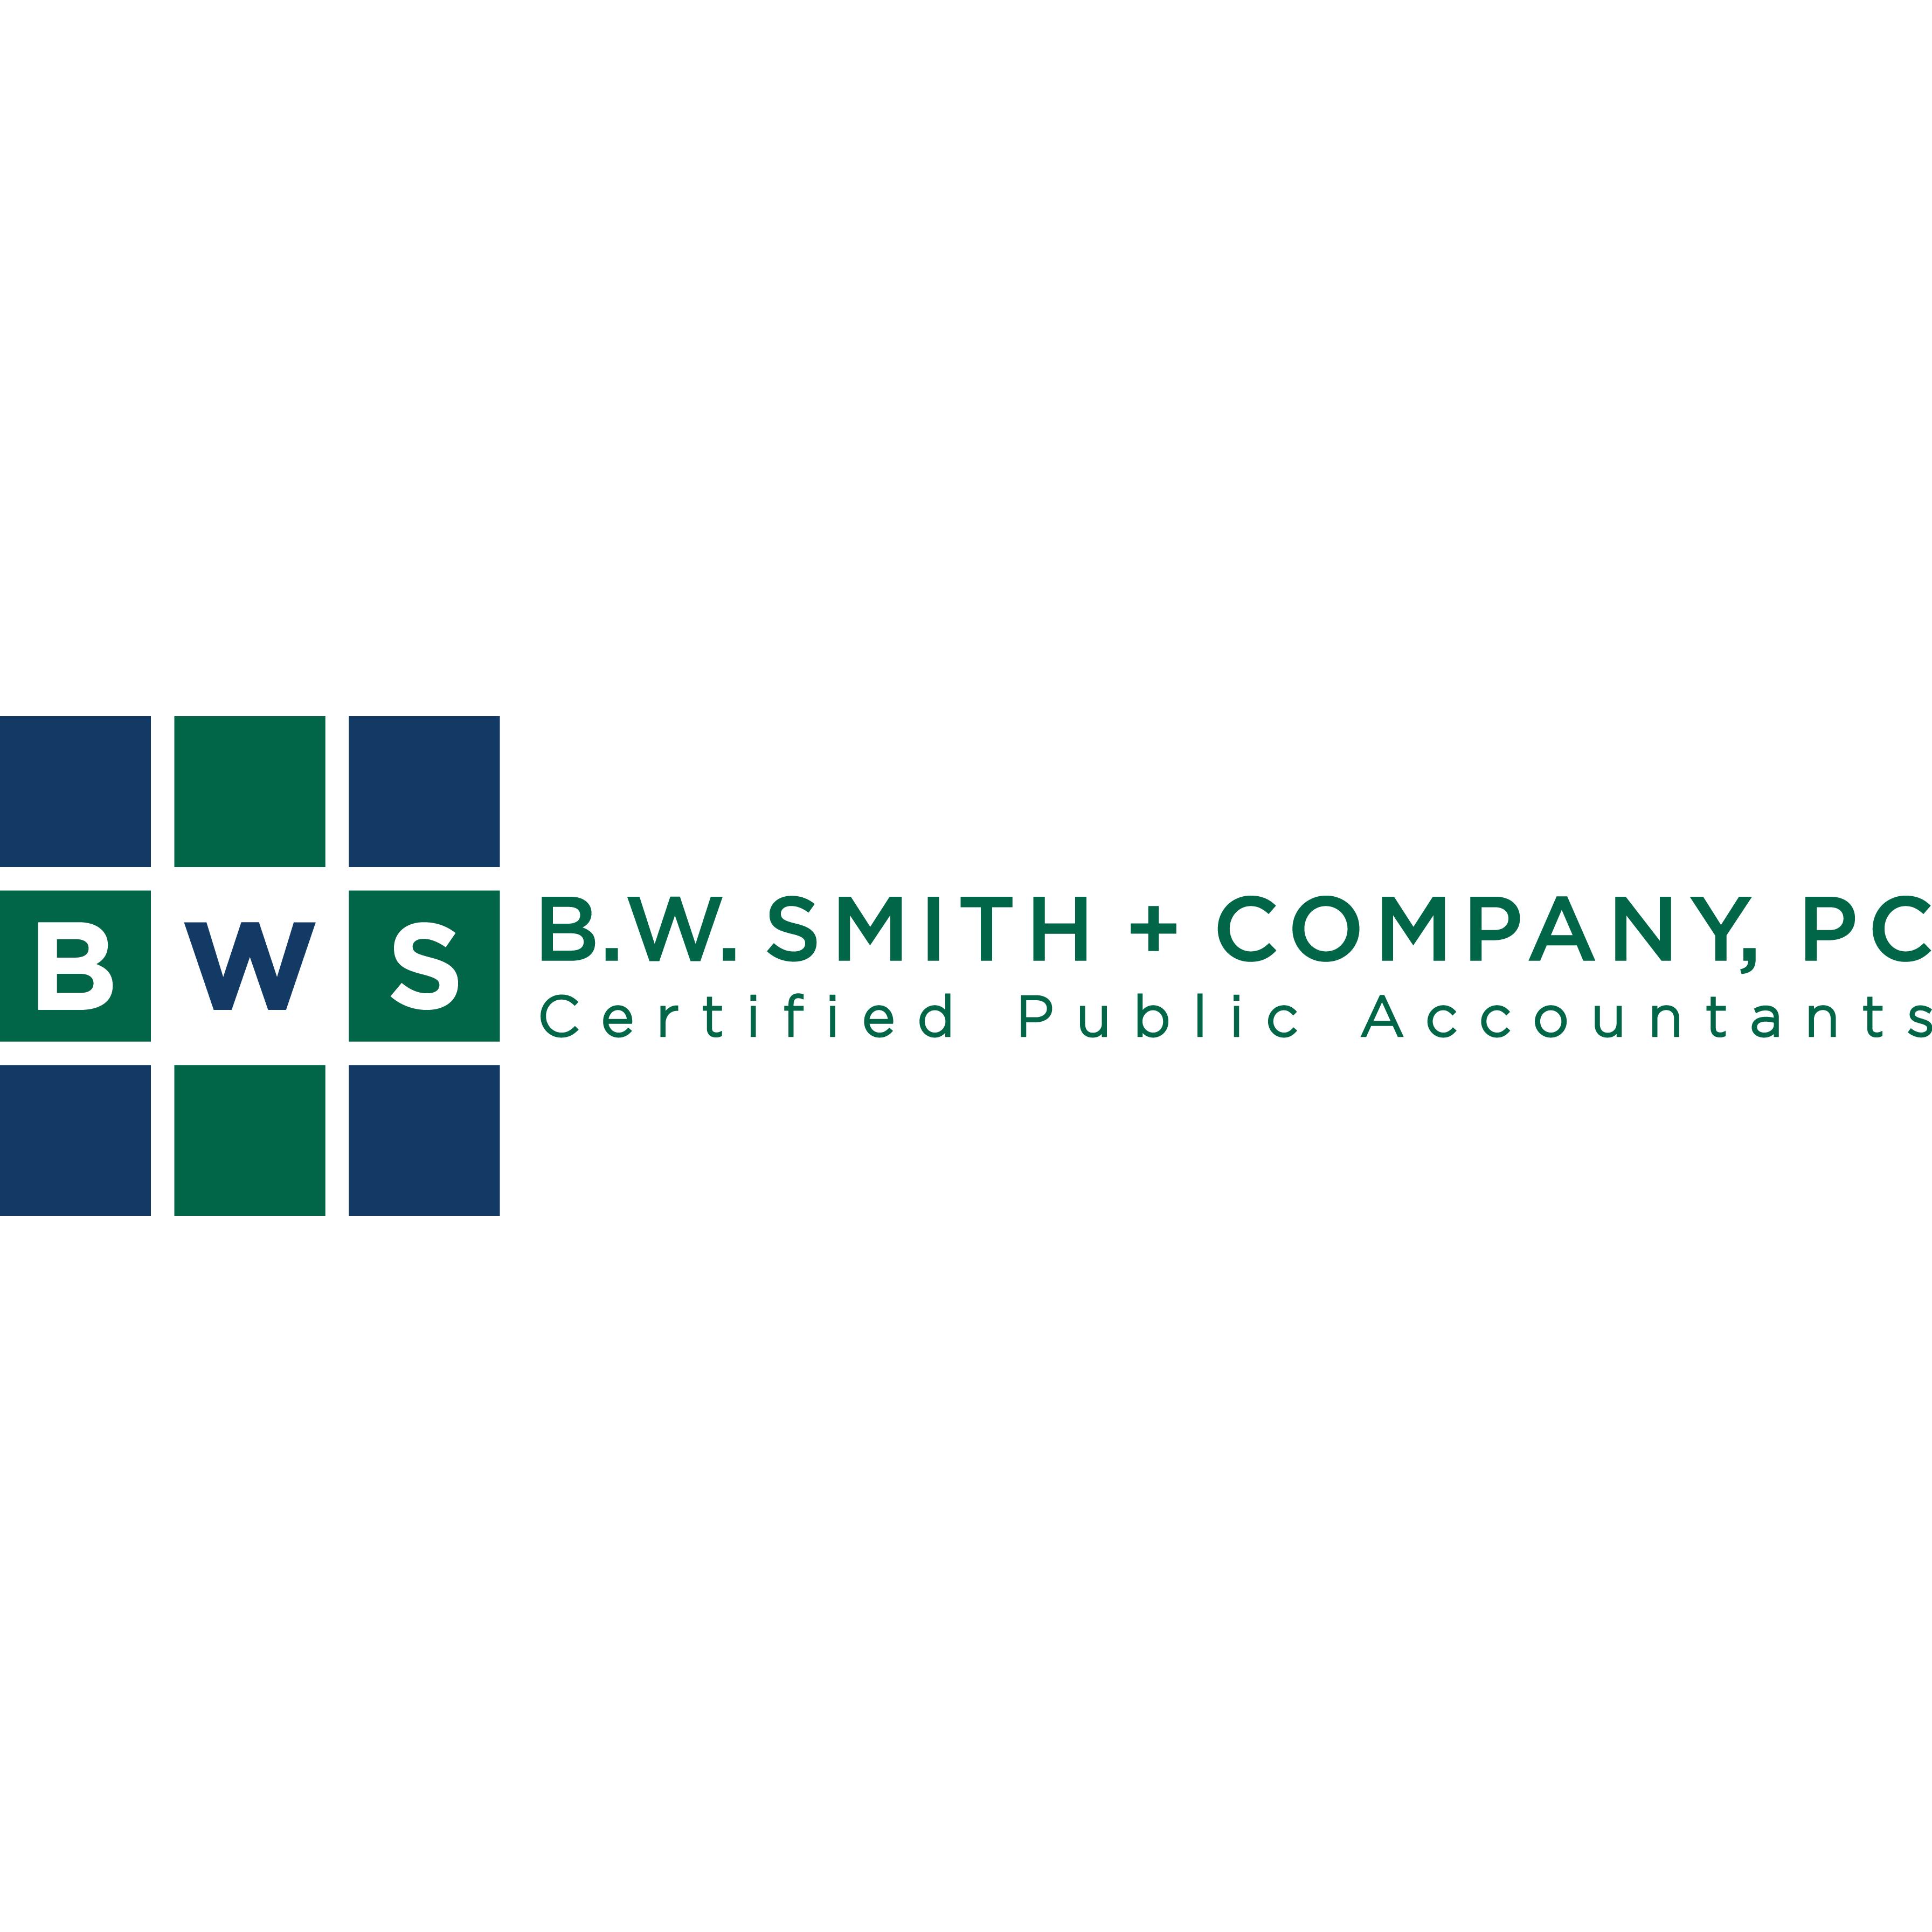 B W Smith + Company, PC, CPAs